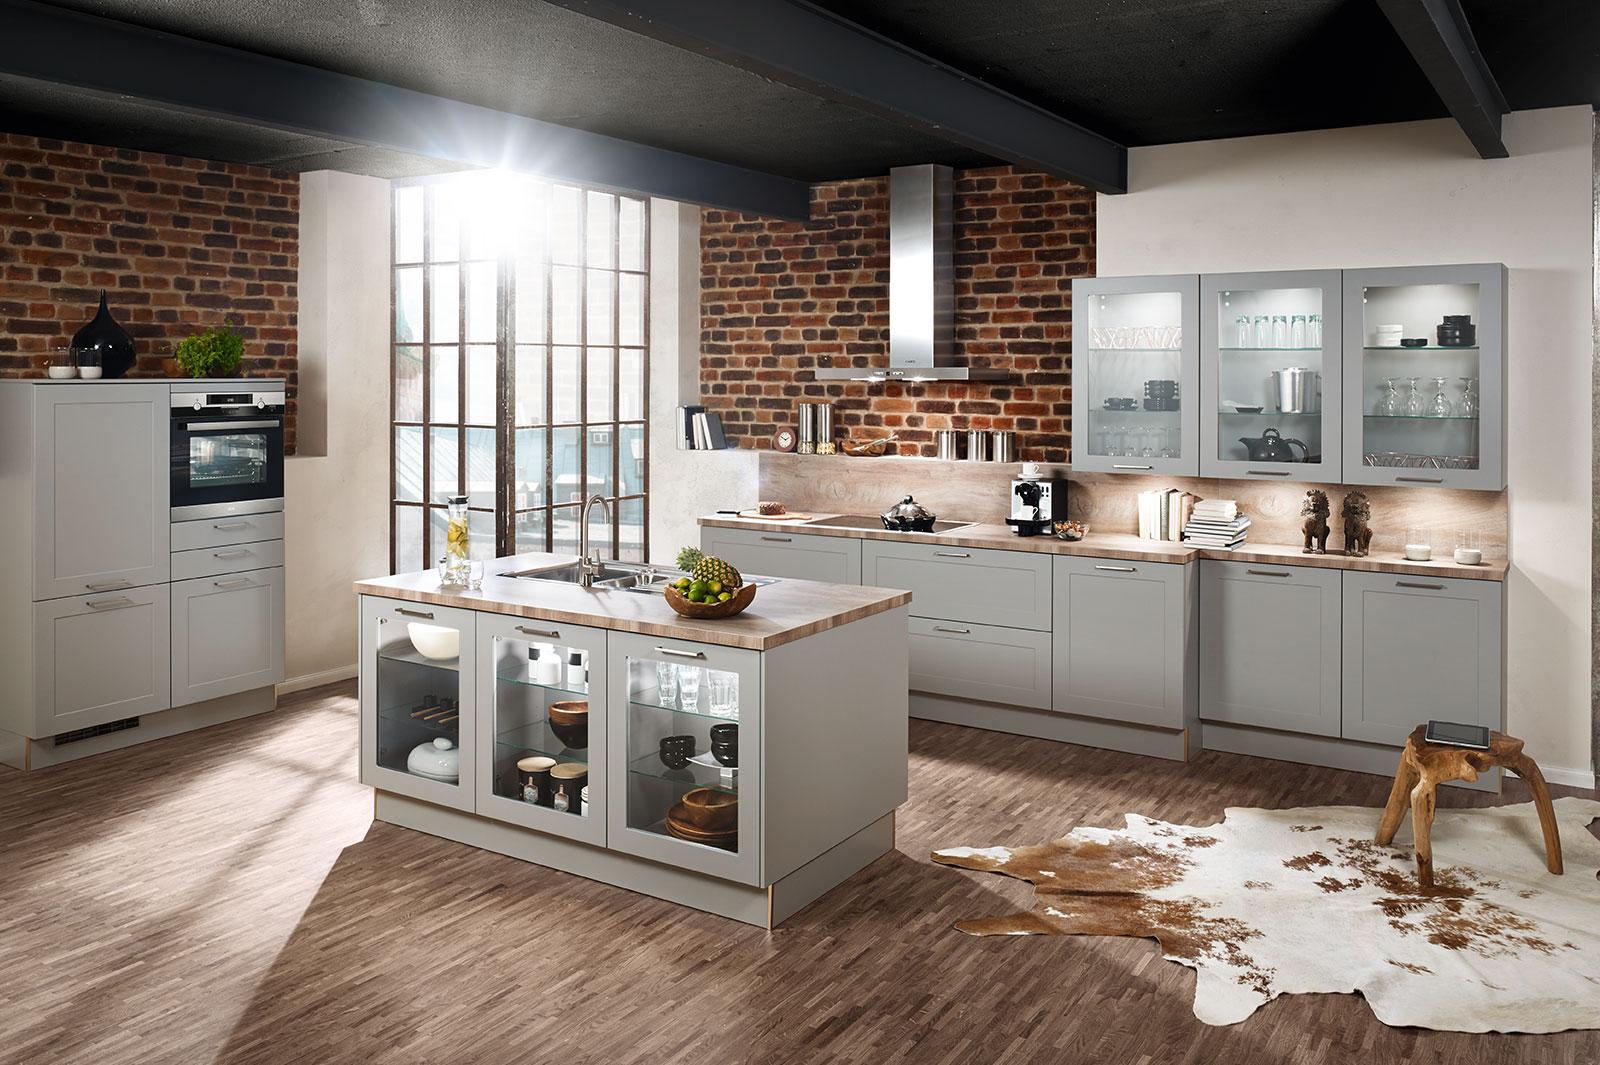 Outdoorküche Mit Kühlschrank Bedienungsanleitung : Gebrauchte küche mit hochbackofen. ikea küche hängeschränke